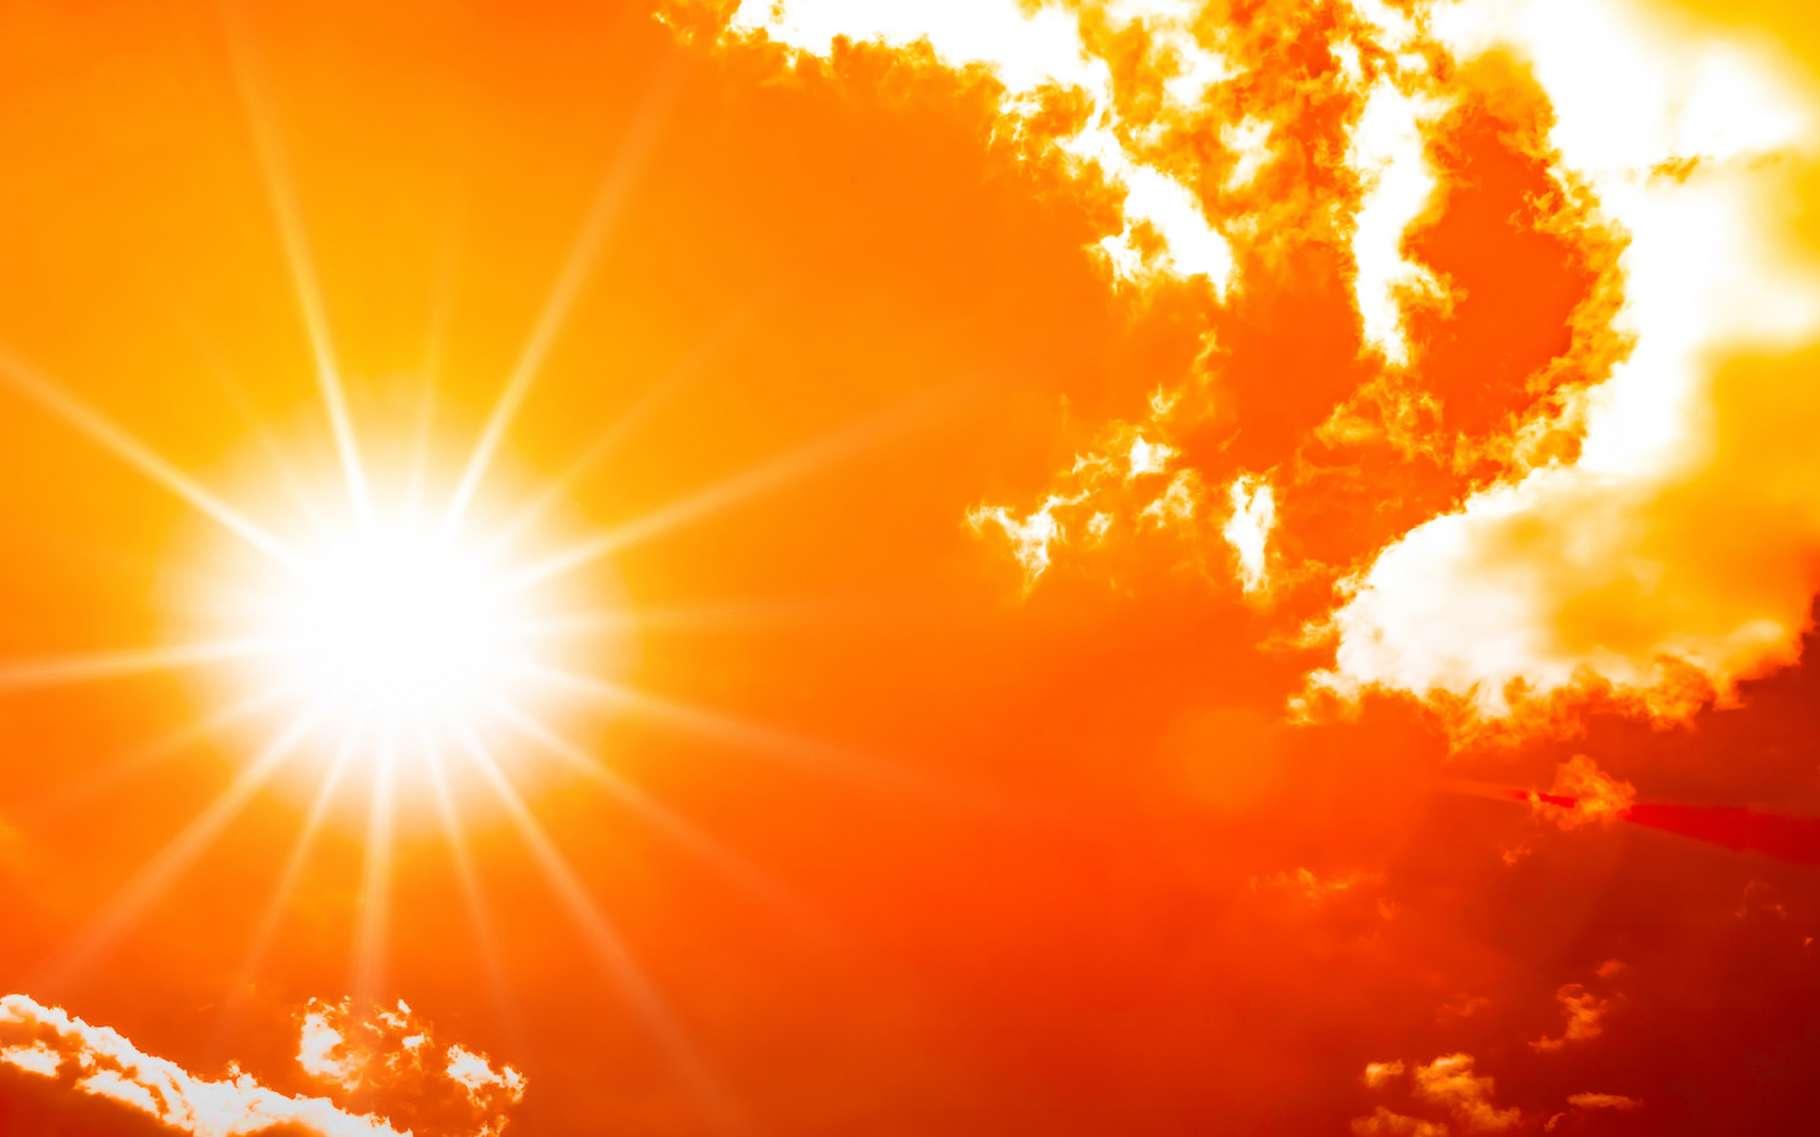 Selon des chercheurs de l'ARC Centre of excellence for climate extremes (Australie), depuis 1950, le monde a connu deux journées de vague de chaleur supplémentaires par décennie. © John Smith, Adobe Stock